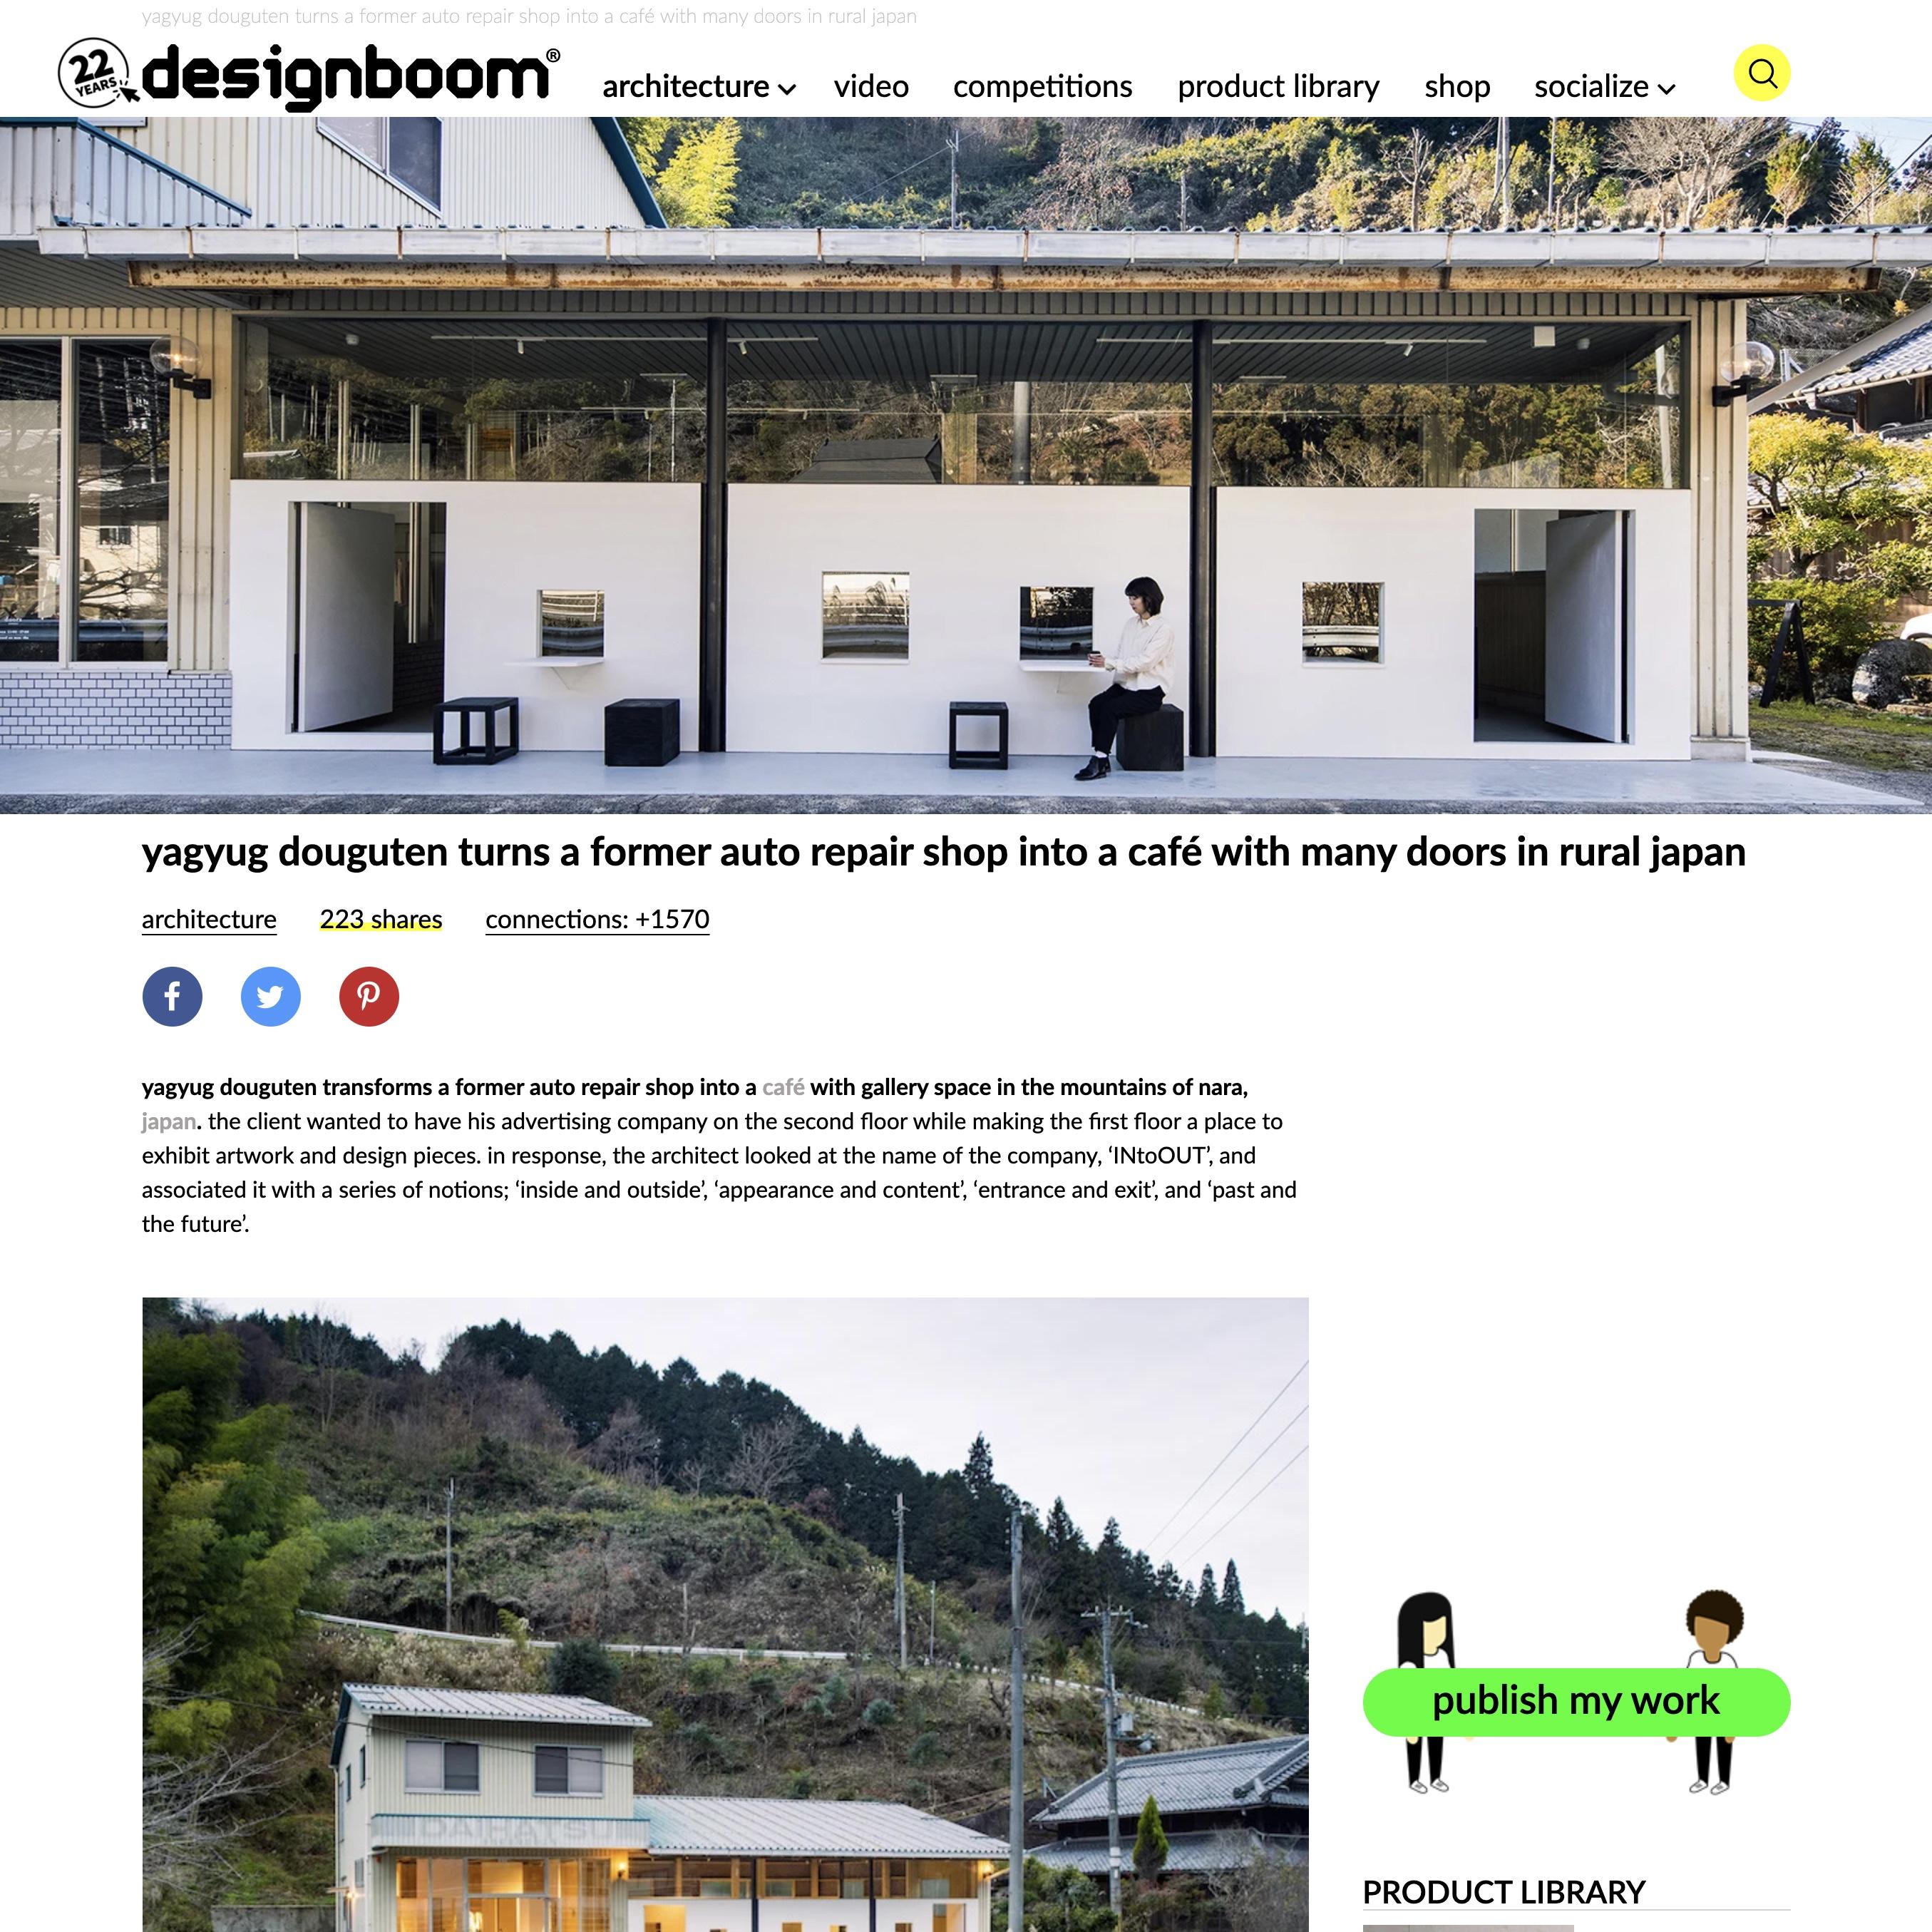 [掲載情報]ミラノ発のデザインと建築のオンラインメディア「designboom」